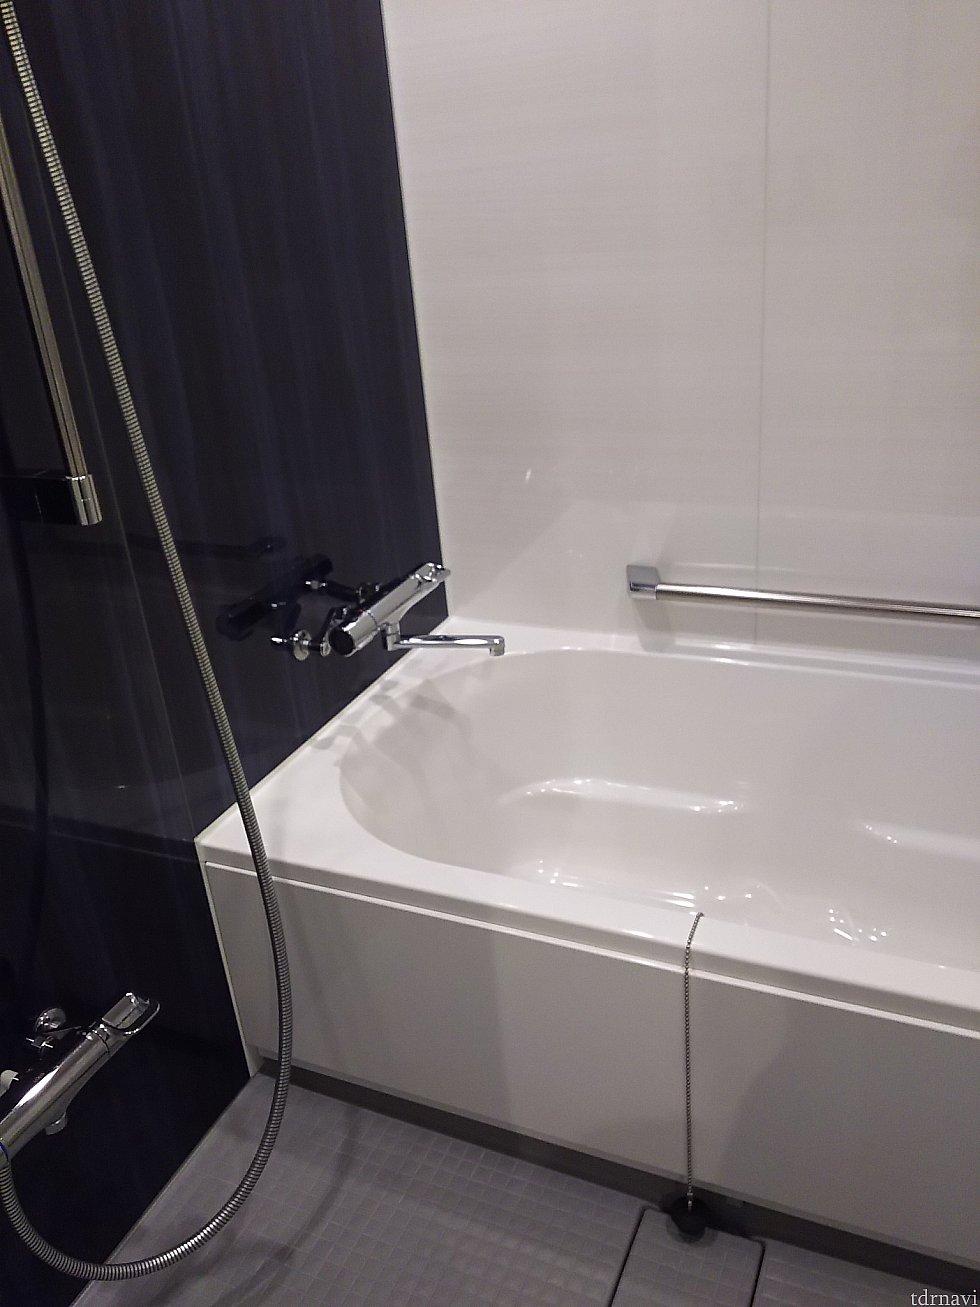 洗面器やイスが常設してない洗い場つき風呂(無料貸出あり) シャワーヘッド、何の機能もなく至って普通。